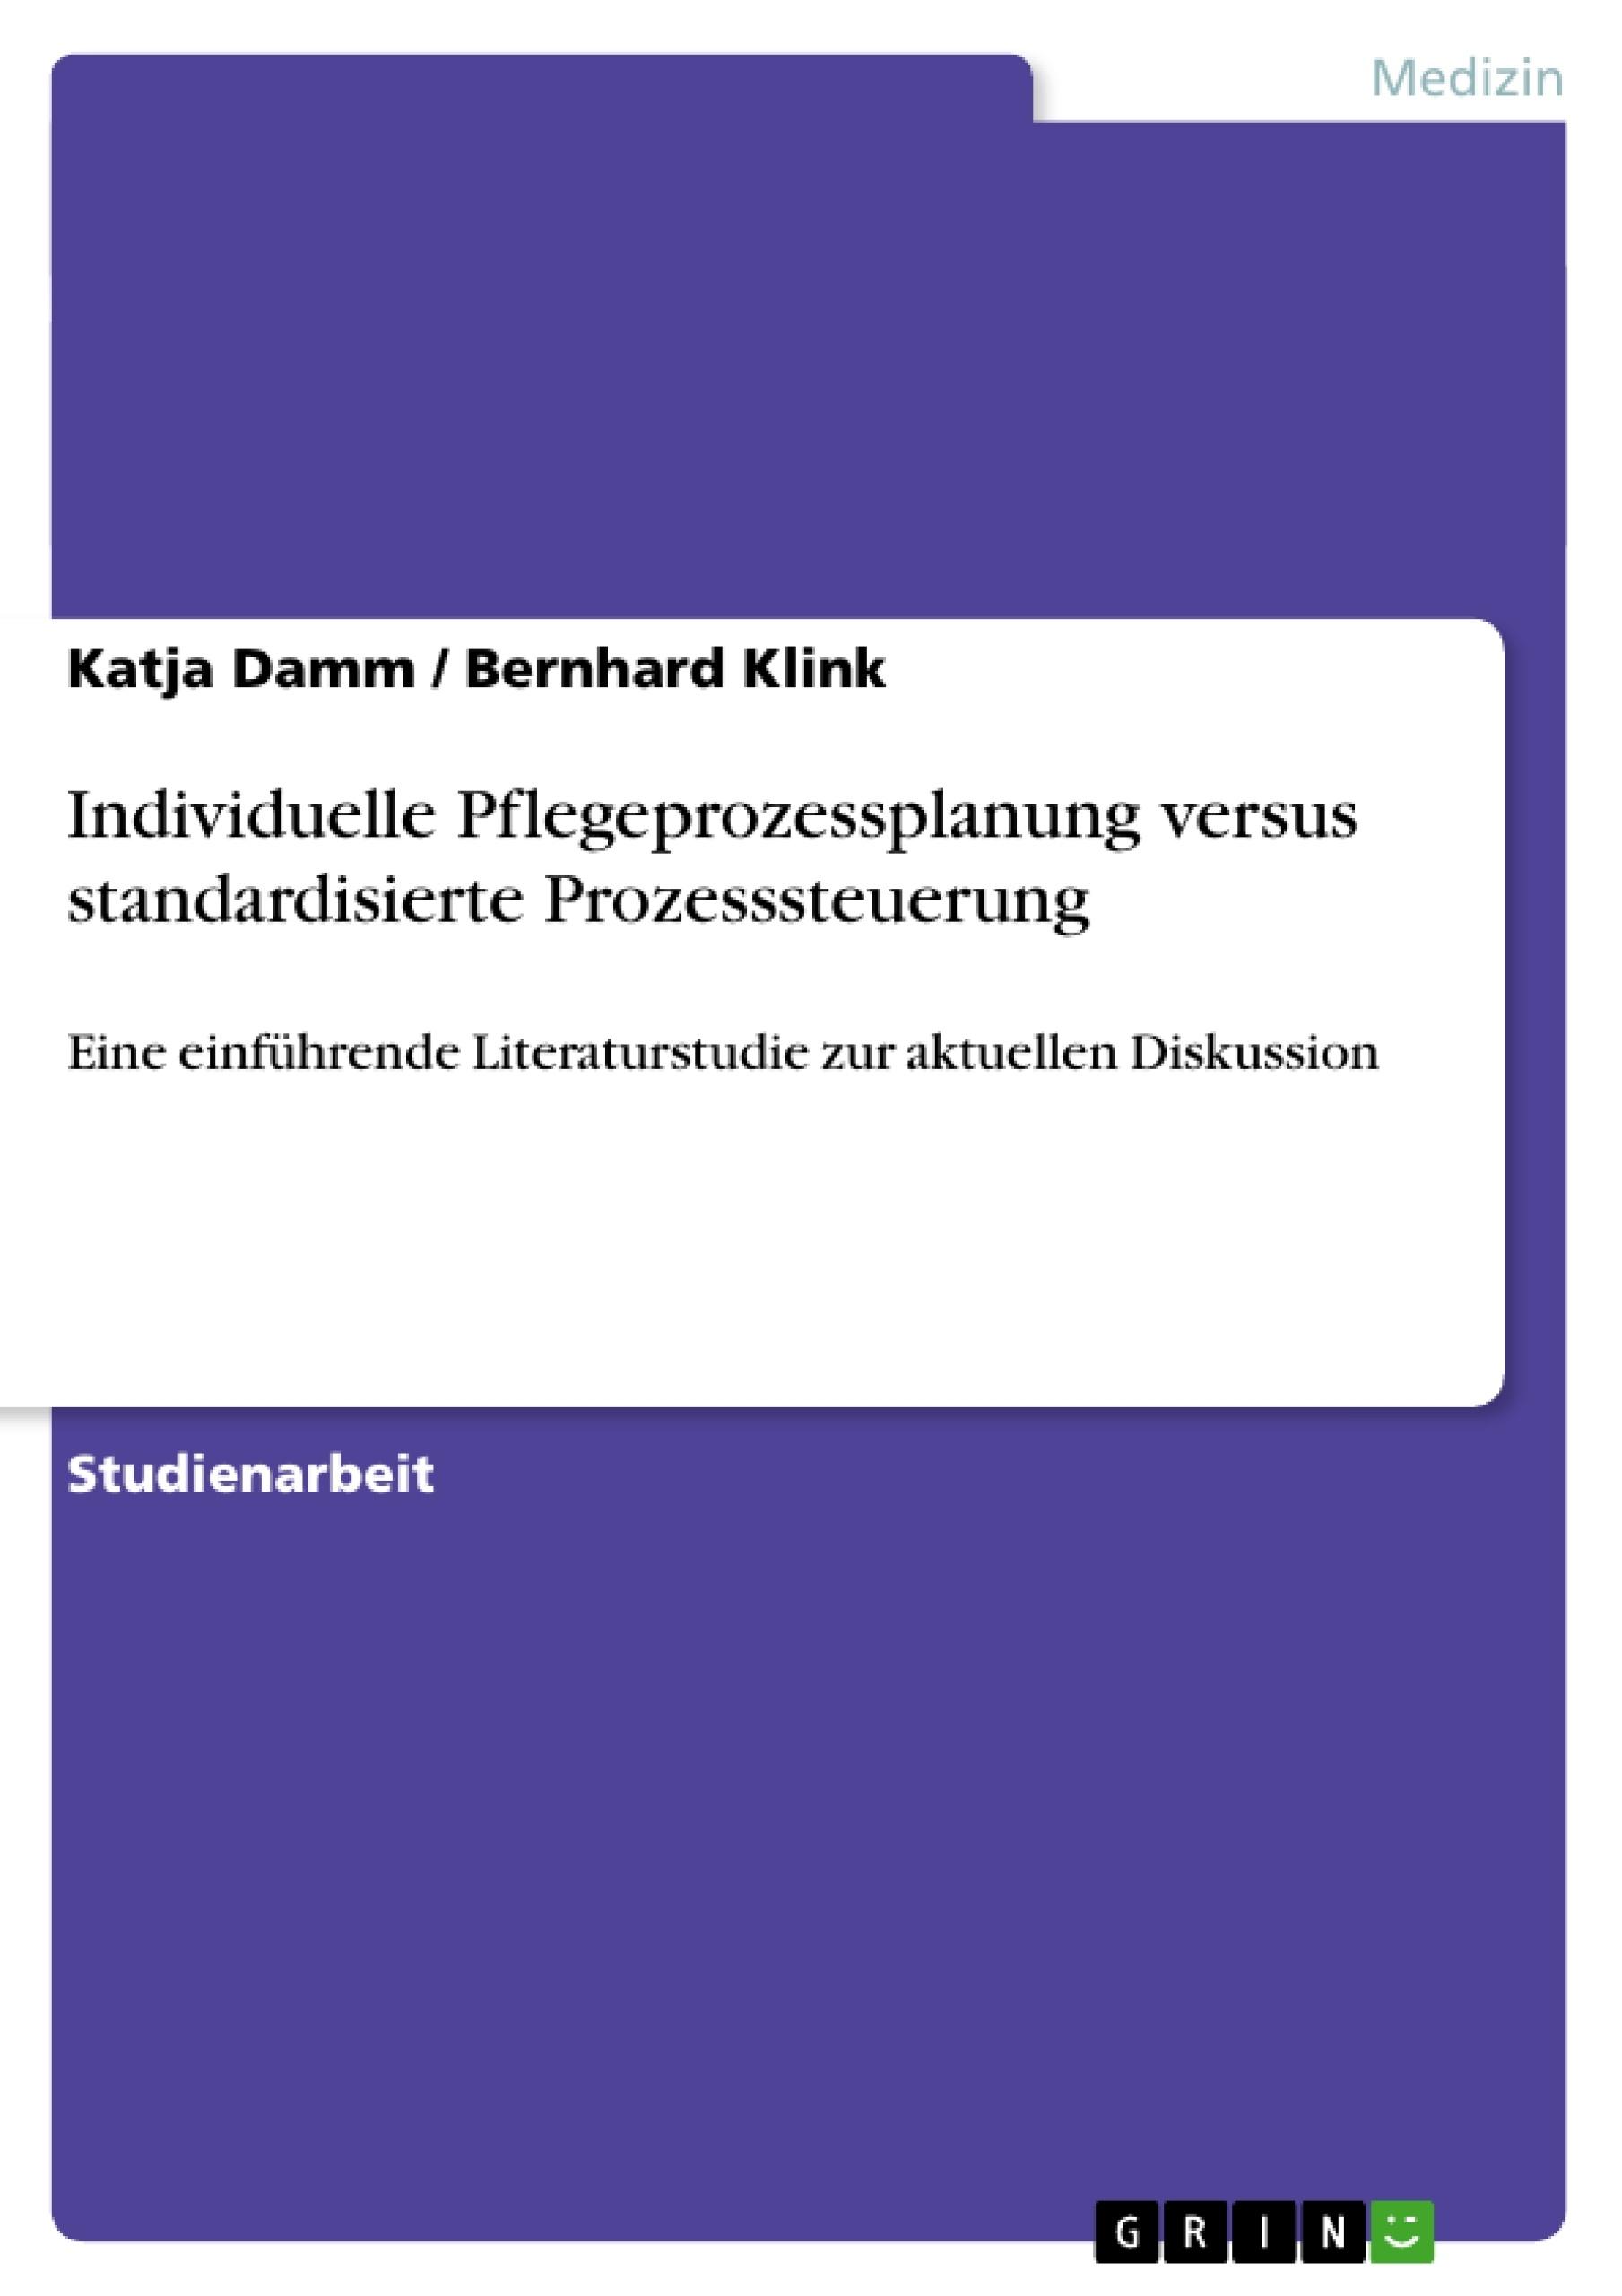 Titel: Individuelle Pflegeprozessplanung versus standardisierte Prozesssteuerung